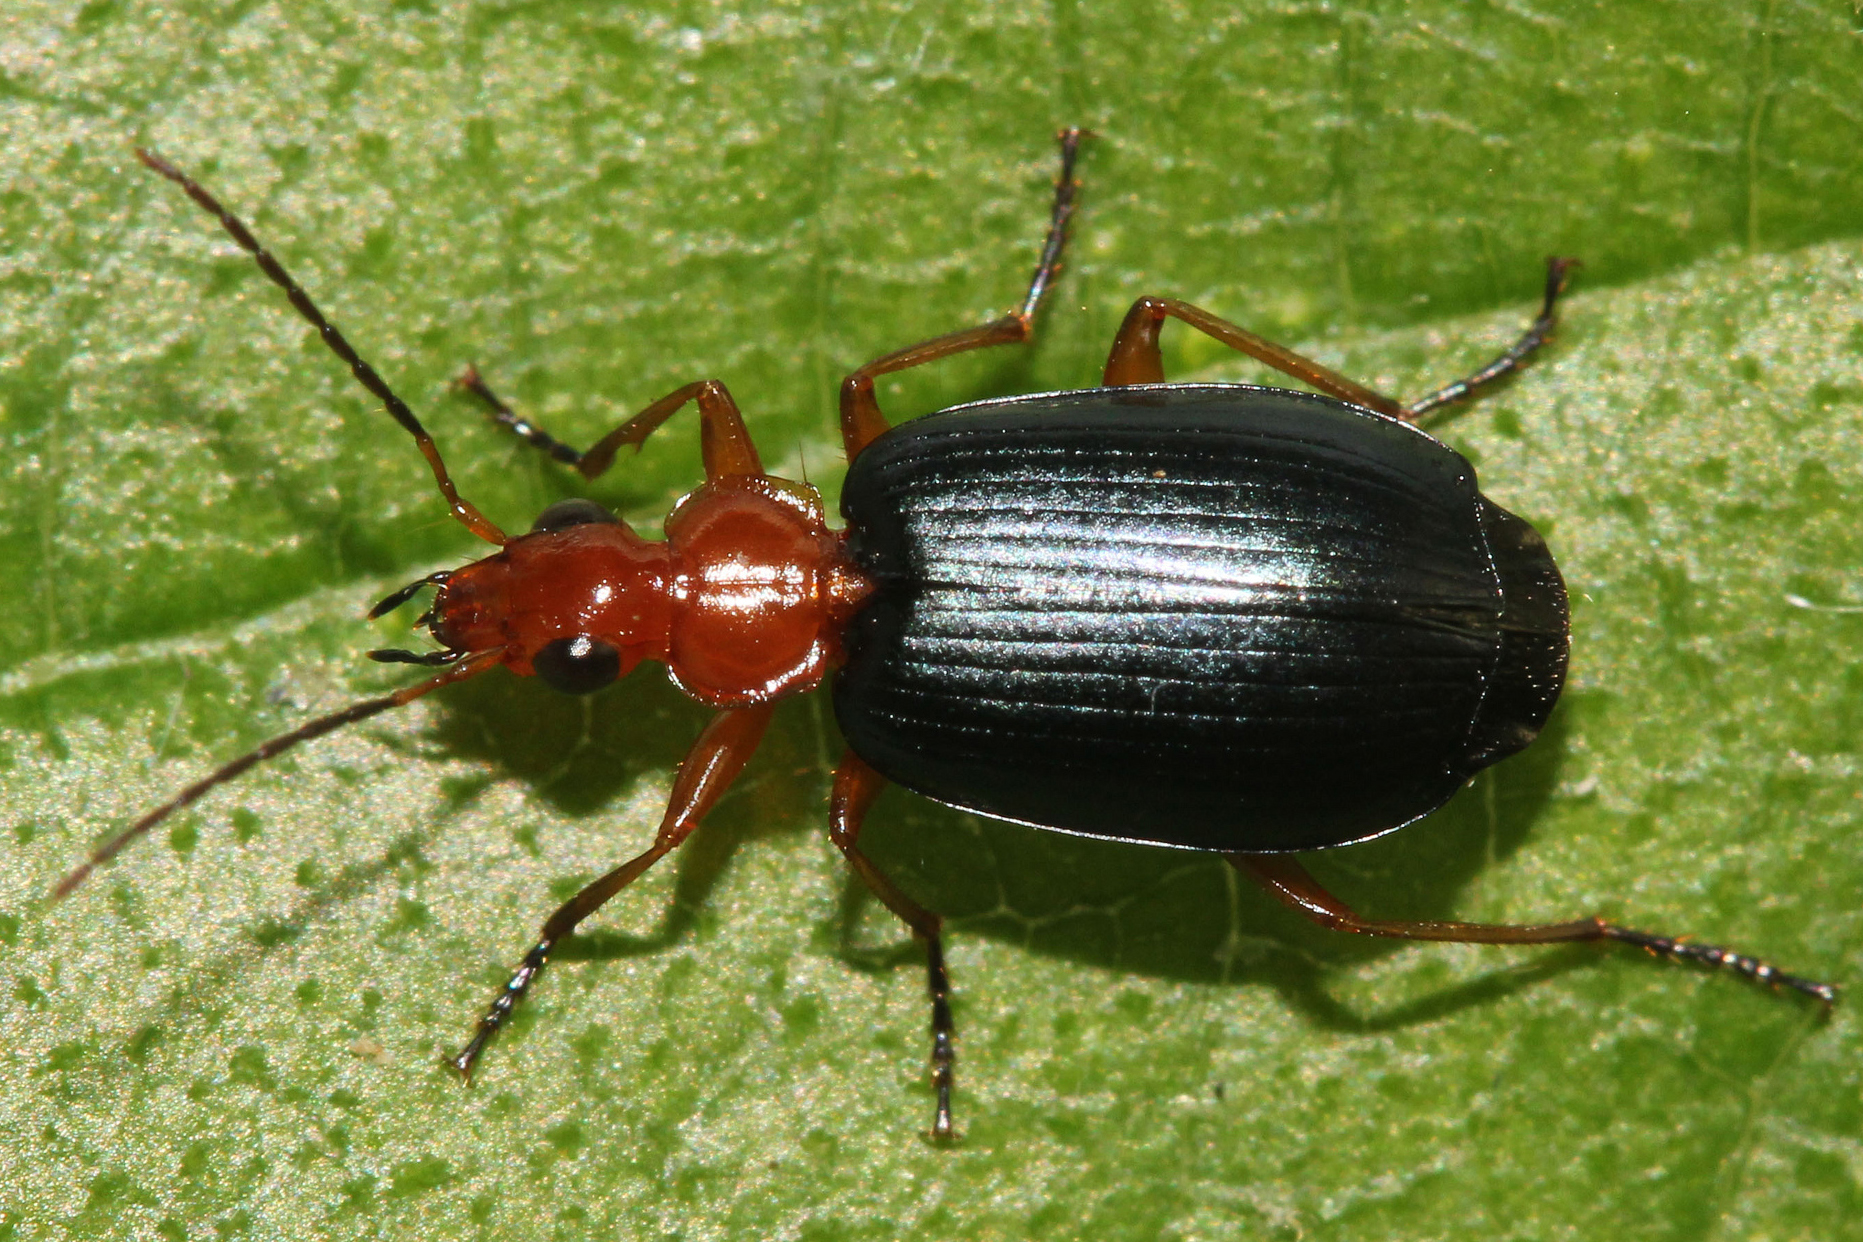 Bombardier Beetle on leaf